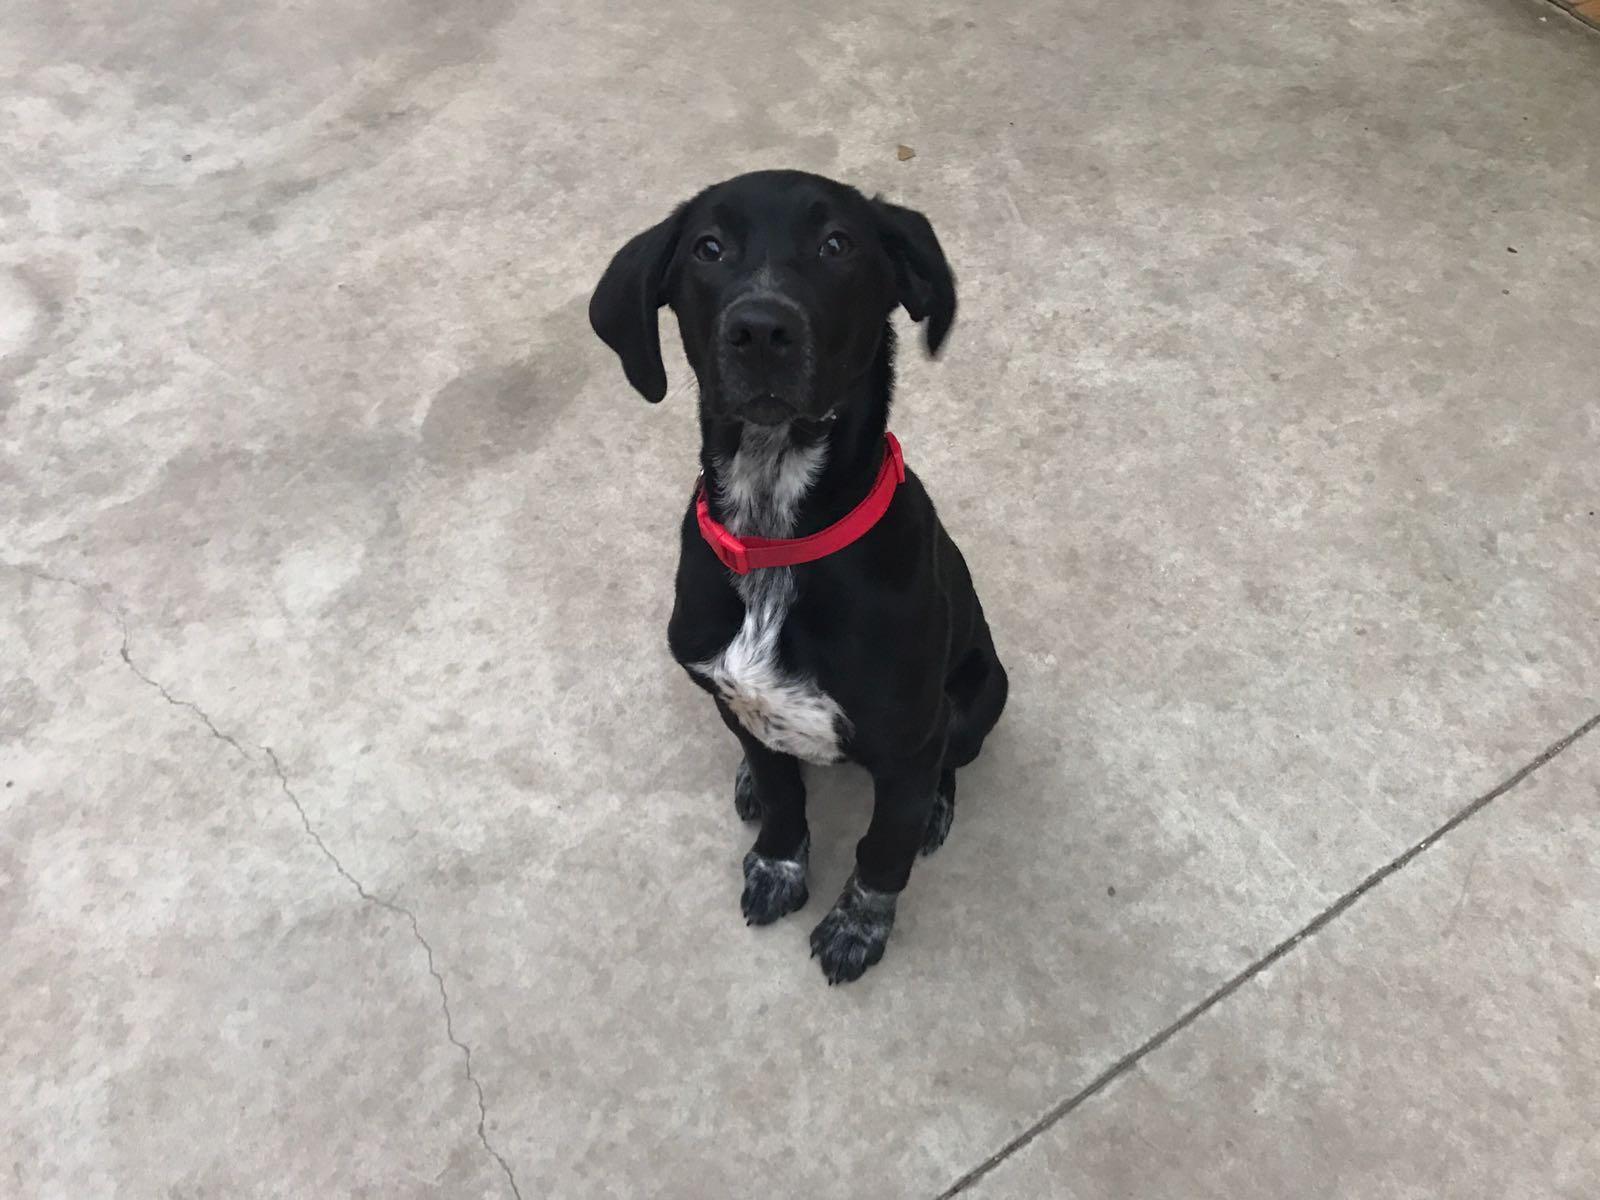 Cachorros Perros Perros en Adopción Perros necesitan acogida  Spock en adopción